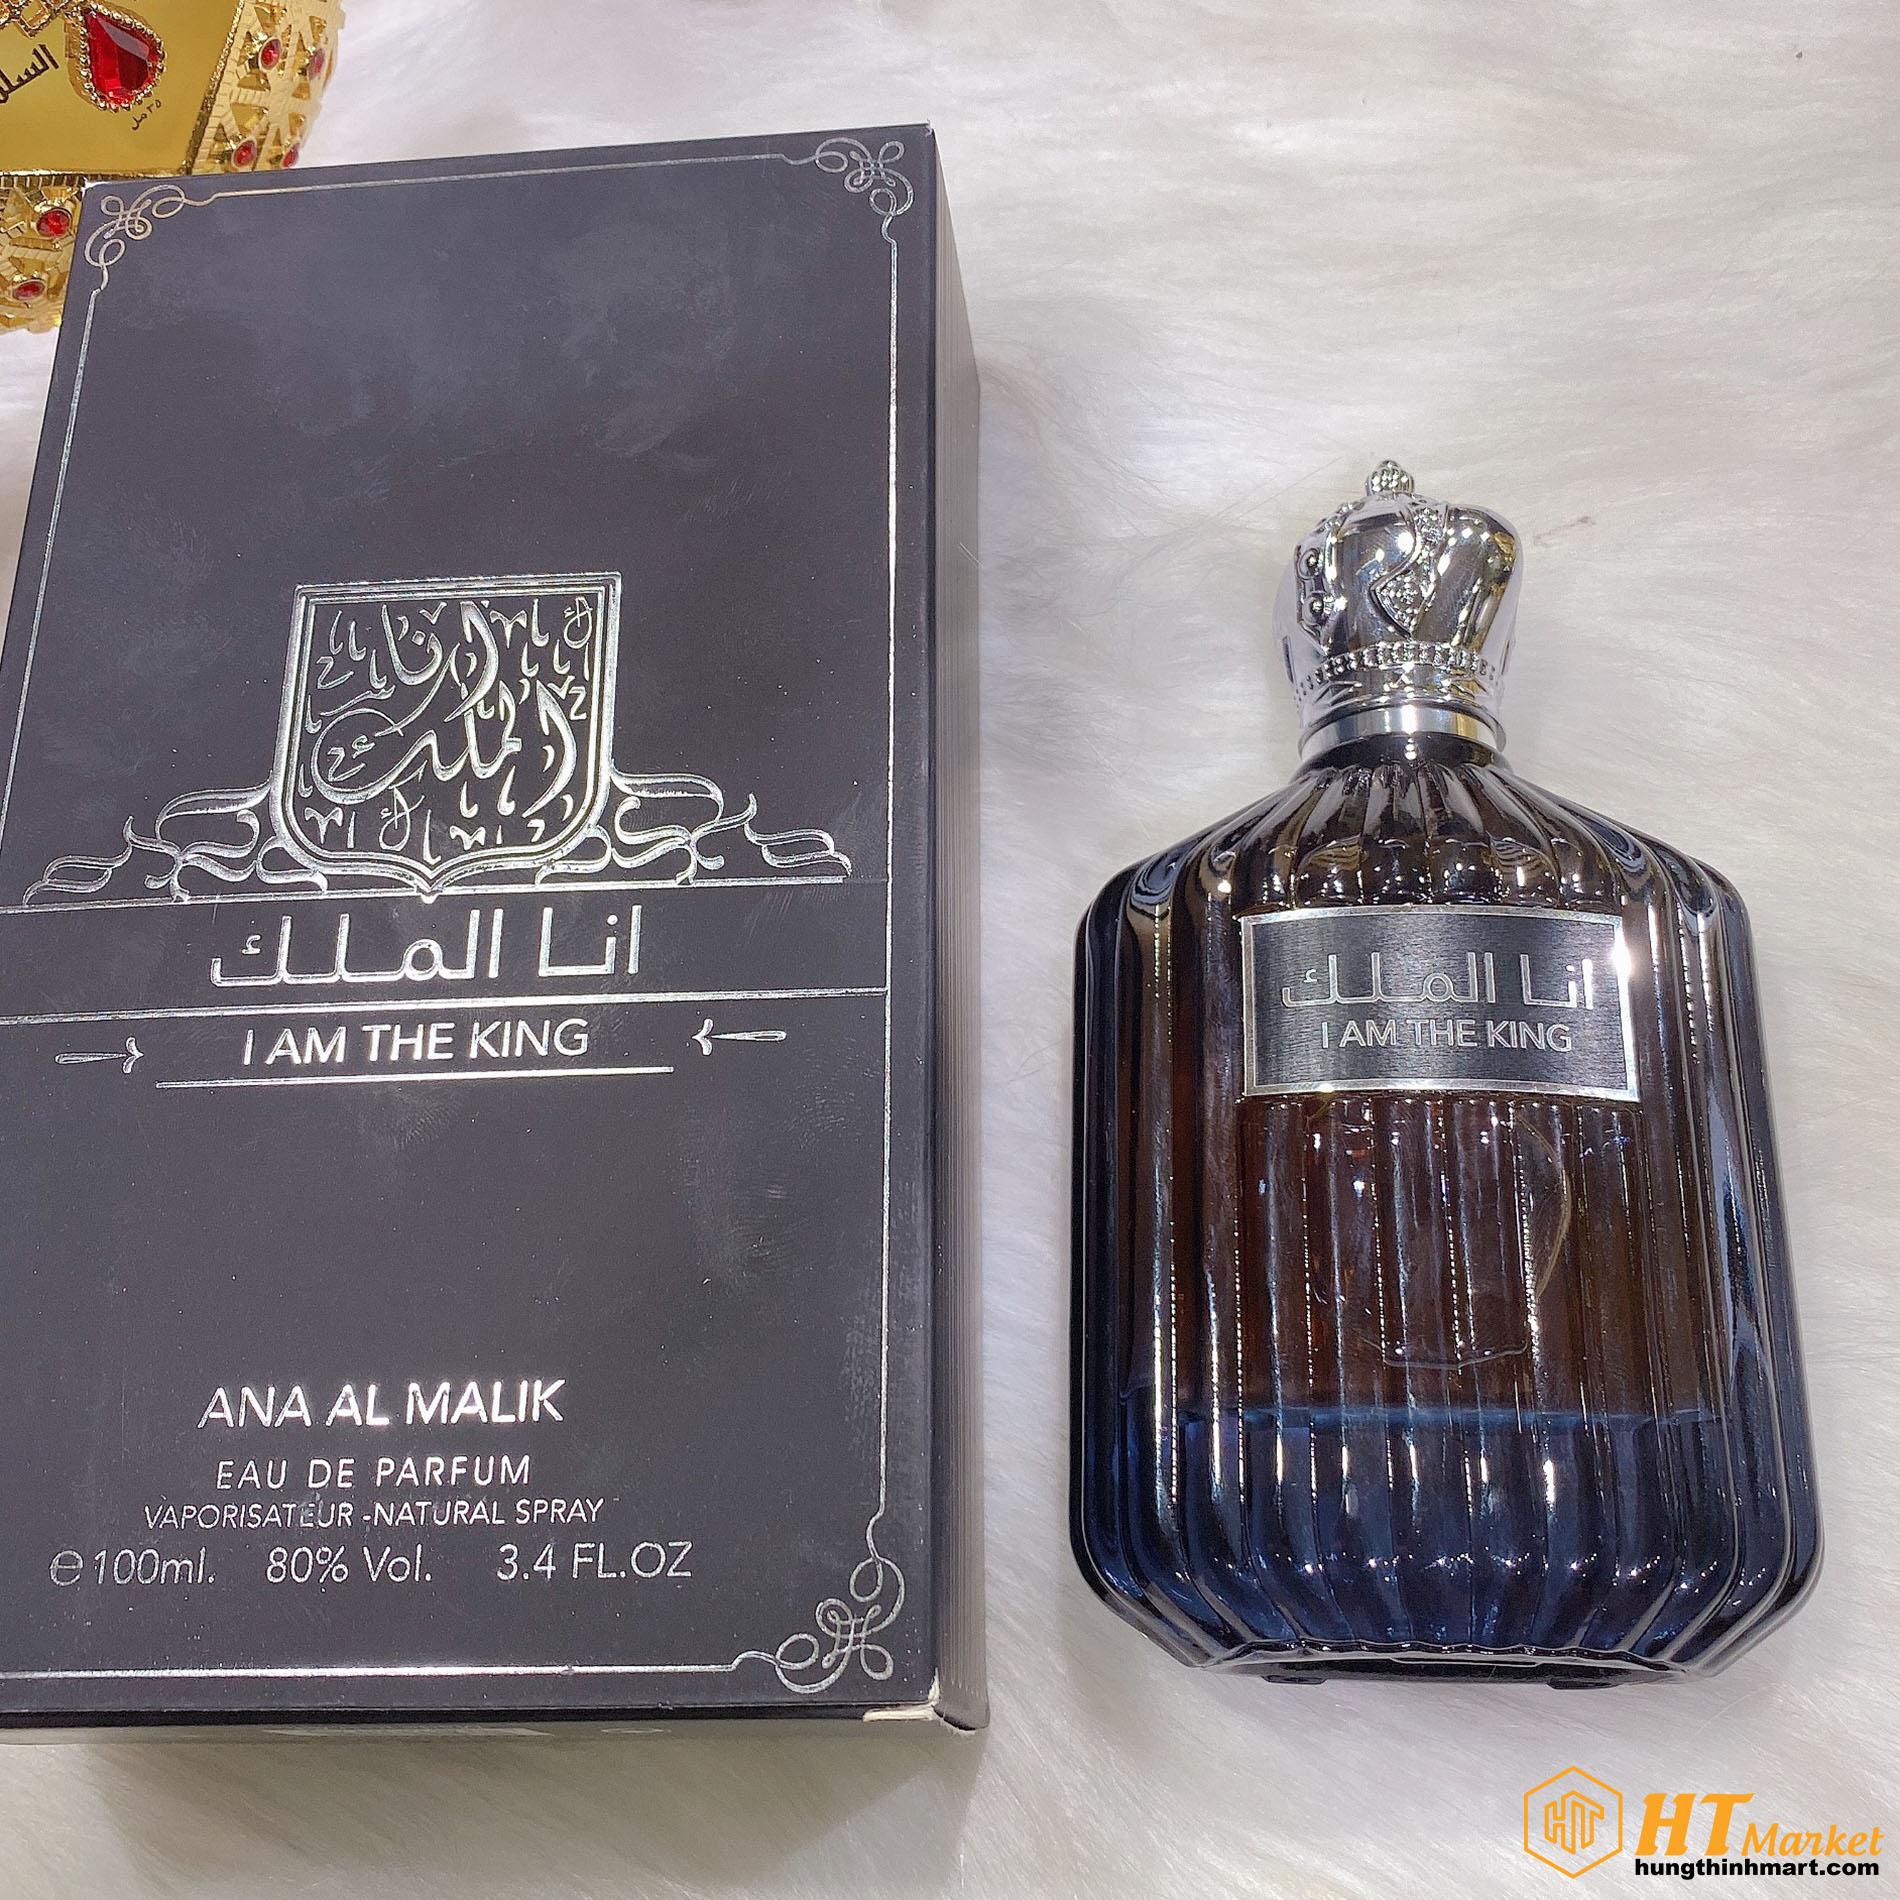 Nước hoa Dubai nam tính sang trọng I Am The King (Ana Al M